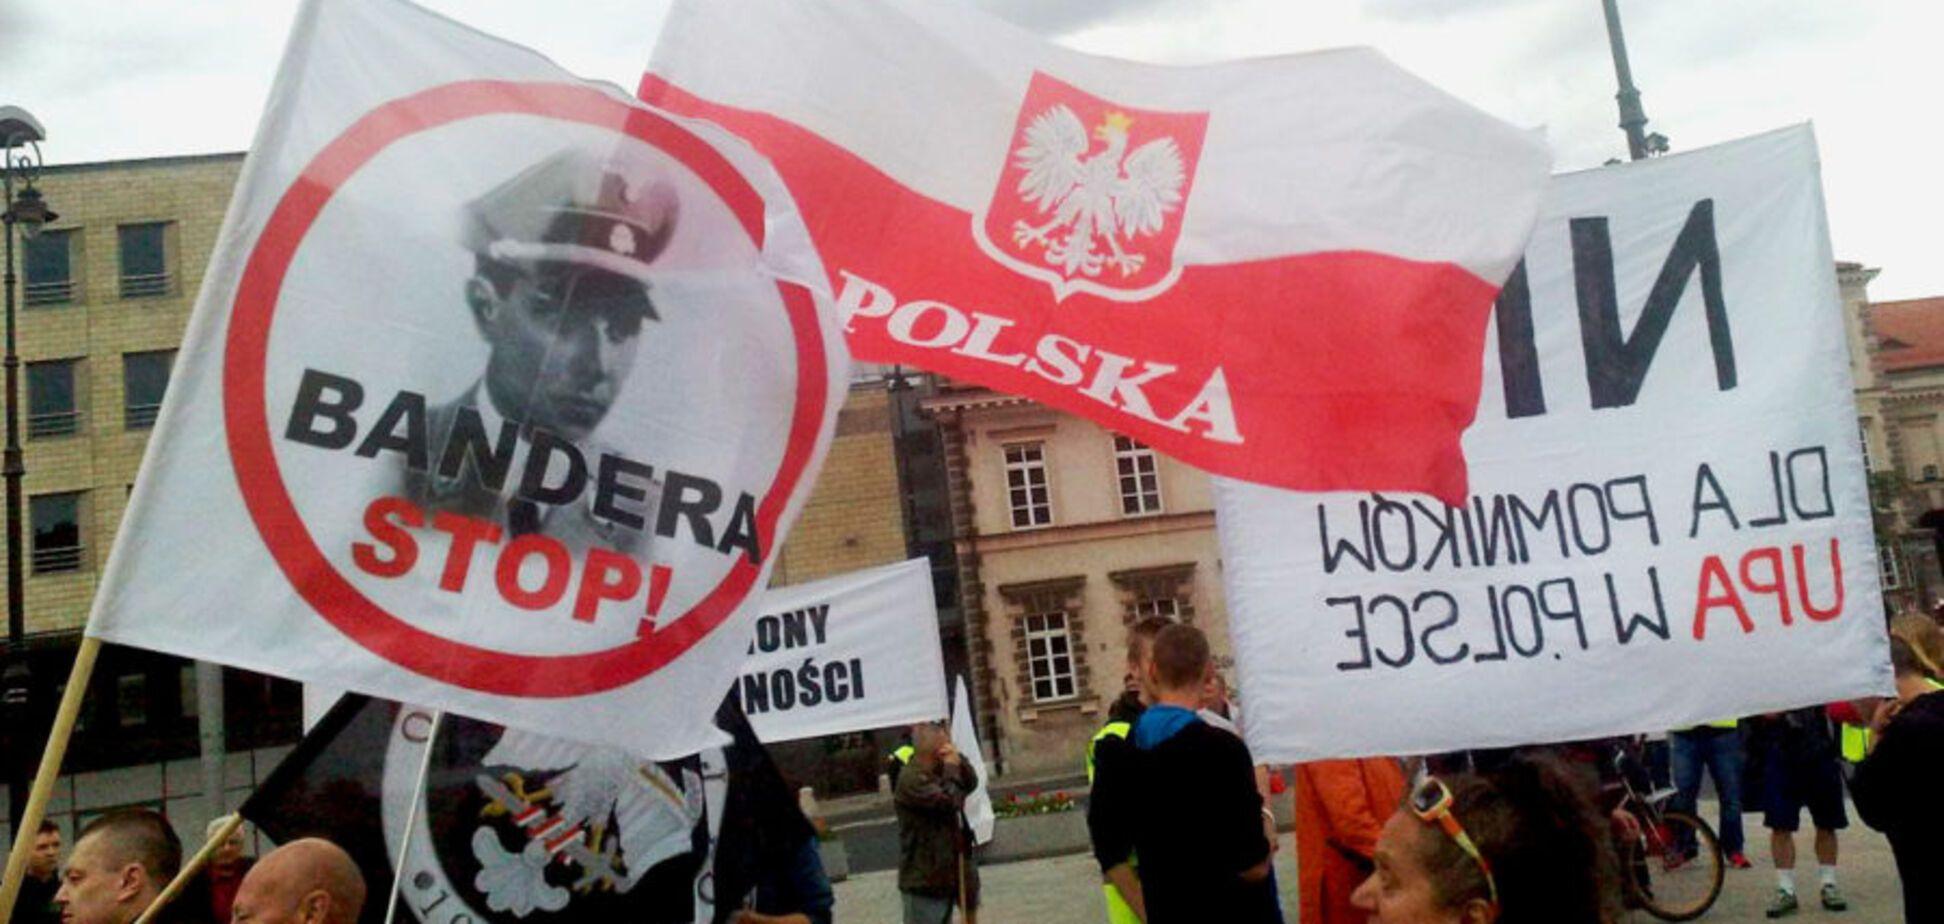 Удар по авторитету: Генпрокуратура Польщі розкритикувала 'антибандерівський' закон